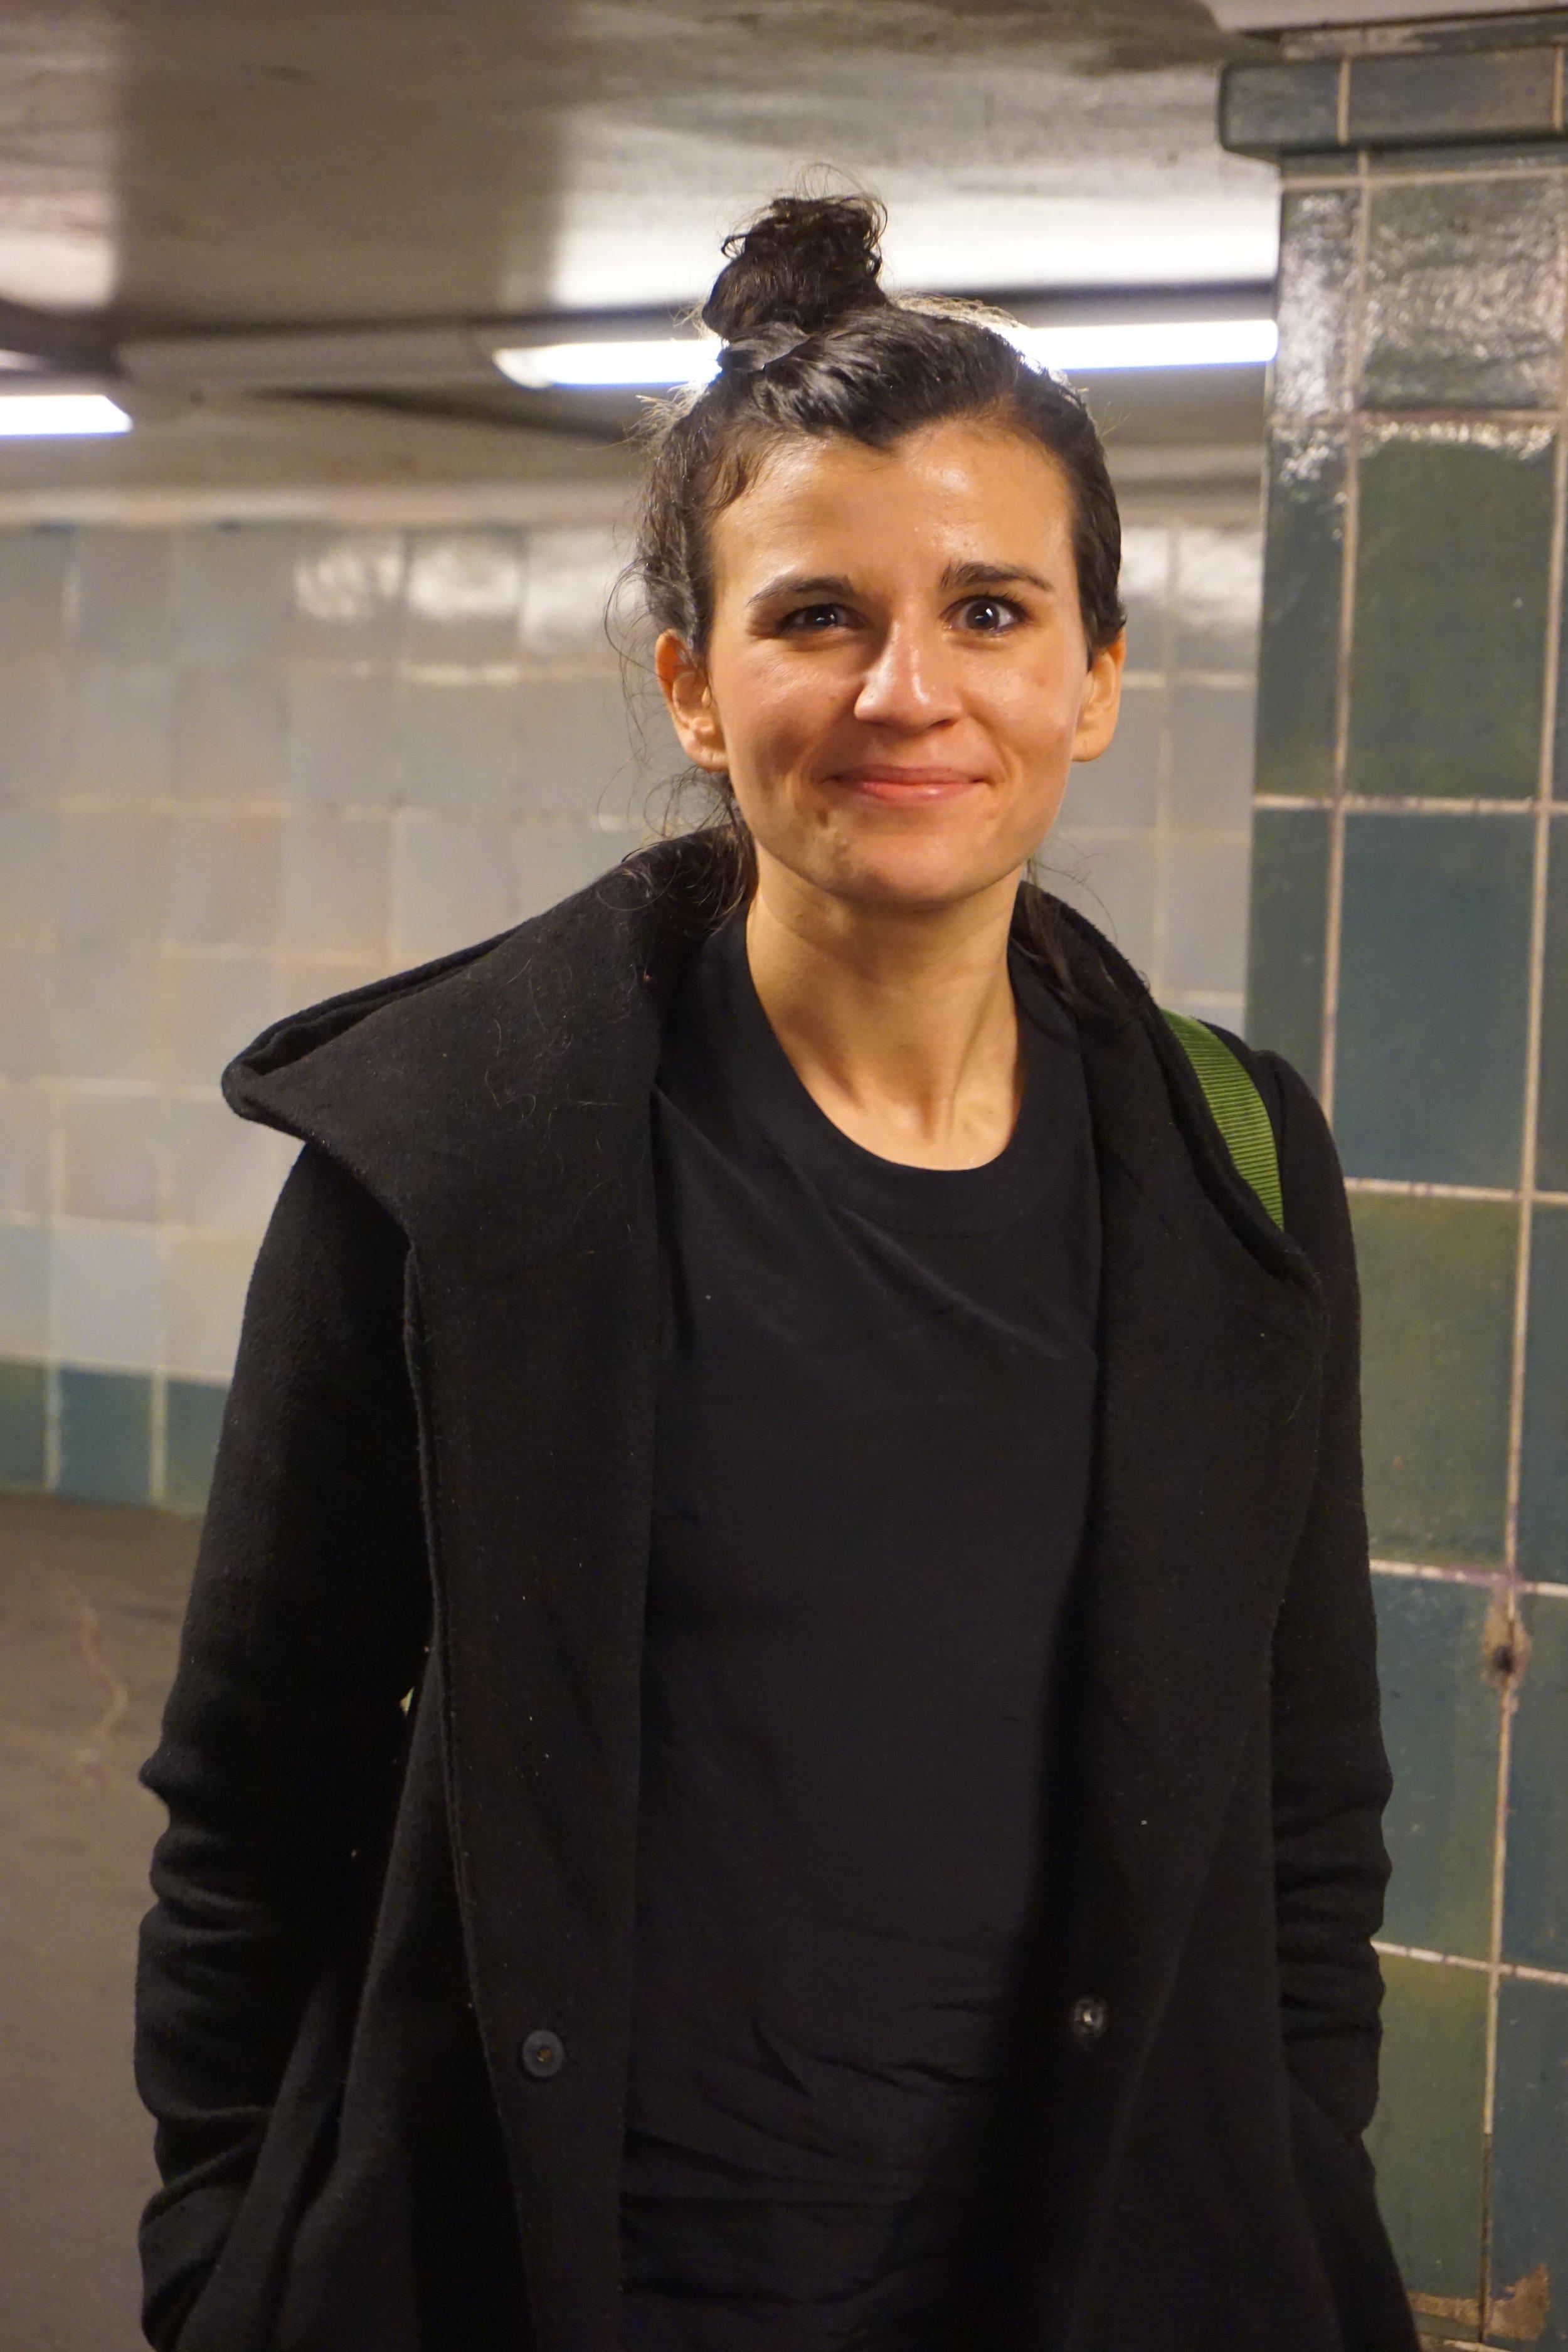 """Kathi - ist eine der Gründerinnen von Siya.Yoga. Sie bezeichnet die Marke, die aus ihrem ersten Projekt Edelkraft gegründet wurde, als ihr Baby. Neben ihren anderen """"Babys"""": Kathi hat zwei Kinder (acht und drei Jahre alt). Sie ist ausgebildete Erzieherin.Lieblingsasana auf dem Hocker: Krähe"""